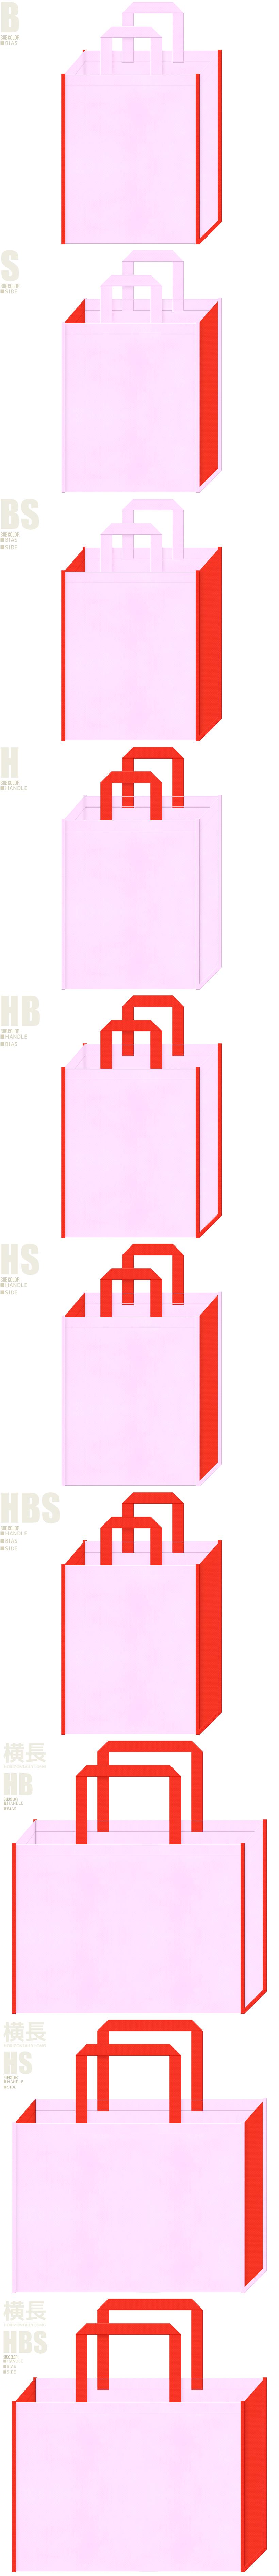 明るめのピンク色とオレンジ色、7パターンの不織布トートバッグ配色デザイン例。